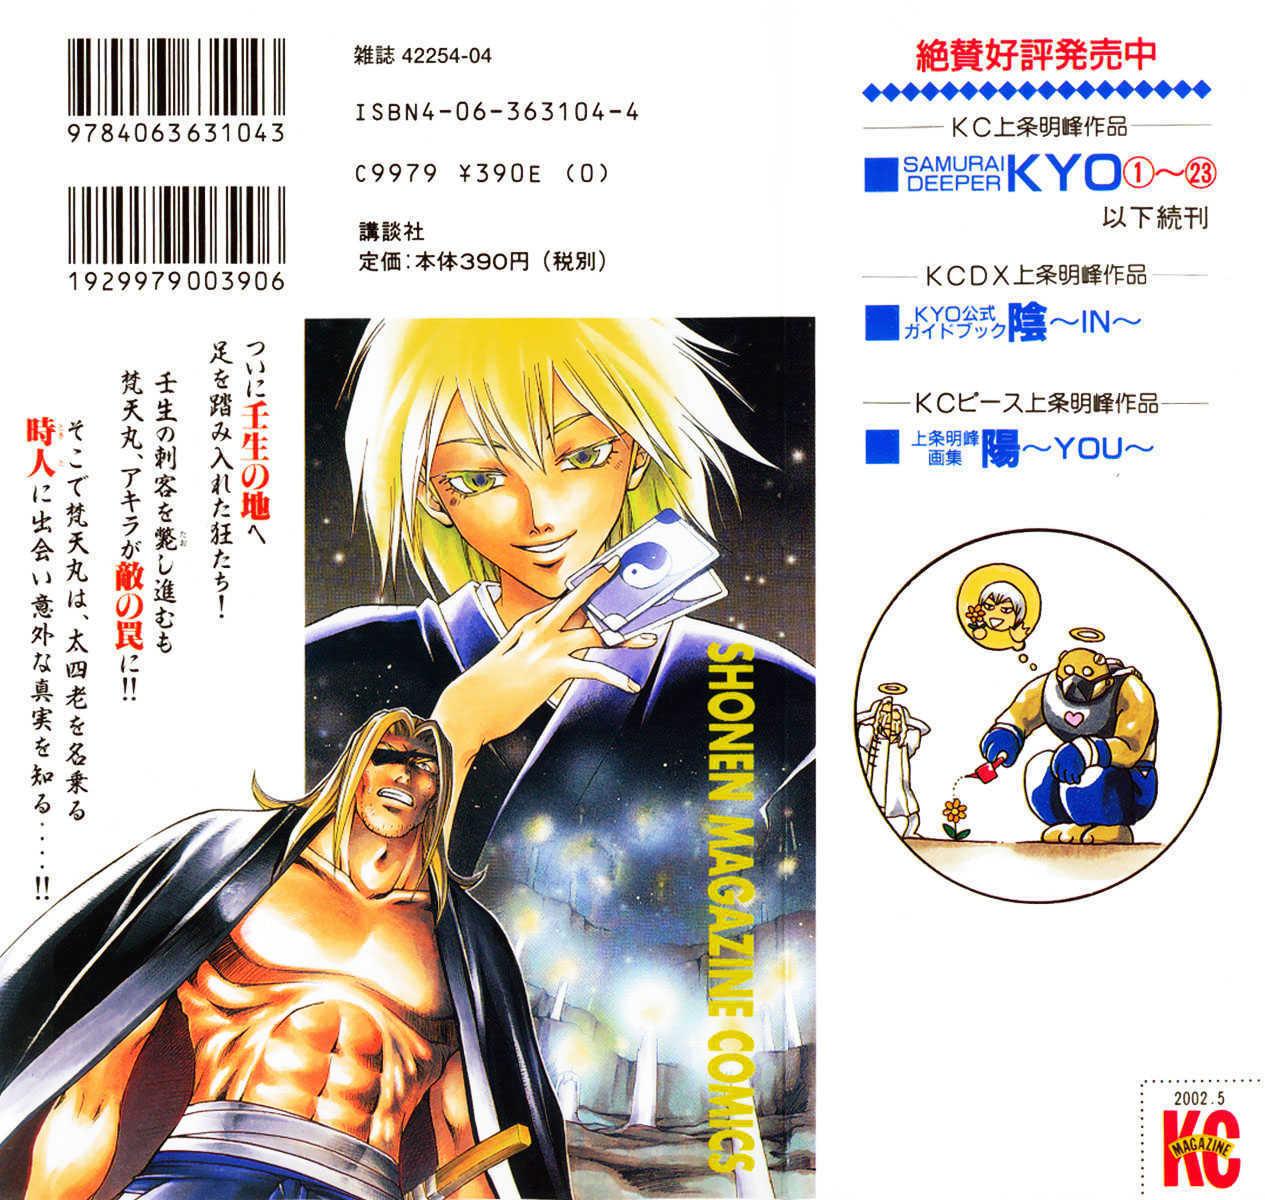 Samurai Deeper Kyo 115 Page 2